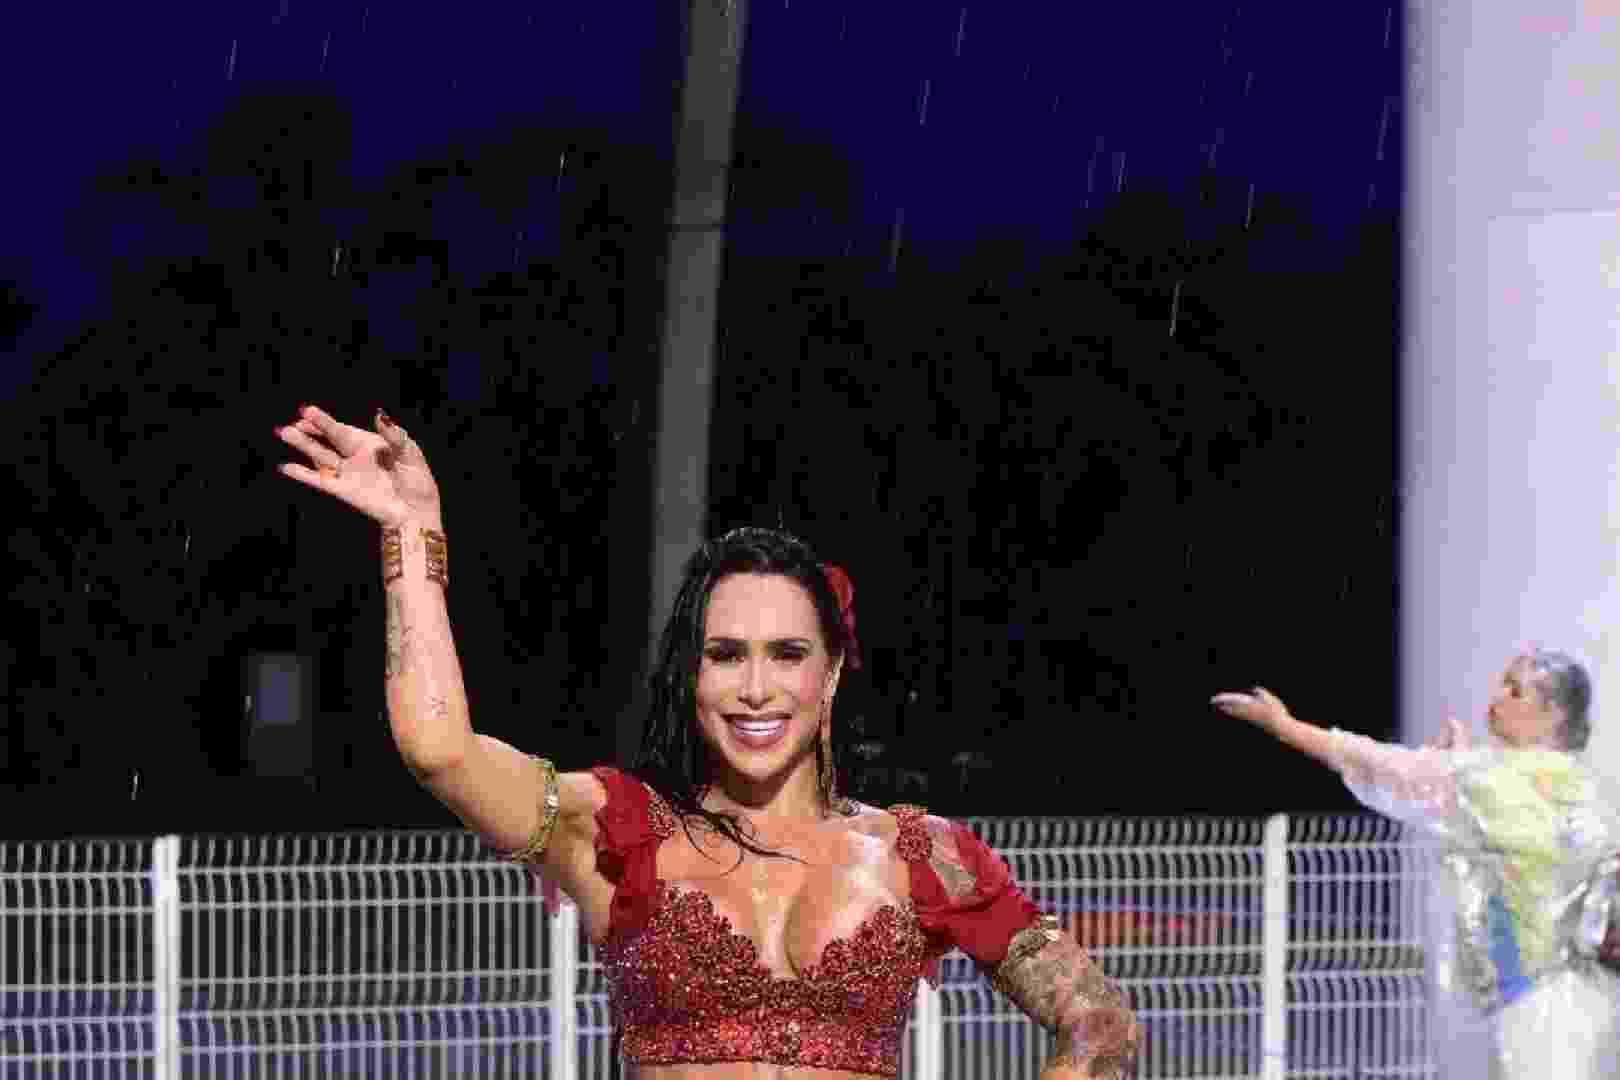 21.jan.2017 - Fabi Frota -- conhecida por ser mulher do ator Alexandre Frota -- participou empolgadíssima do ensaio técnico da Unidos do Peruche na noite deste sábado no sambódromo paulistano - Leo Franco / AgNews